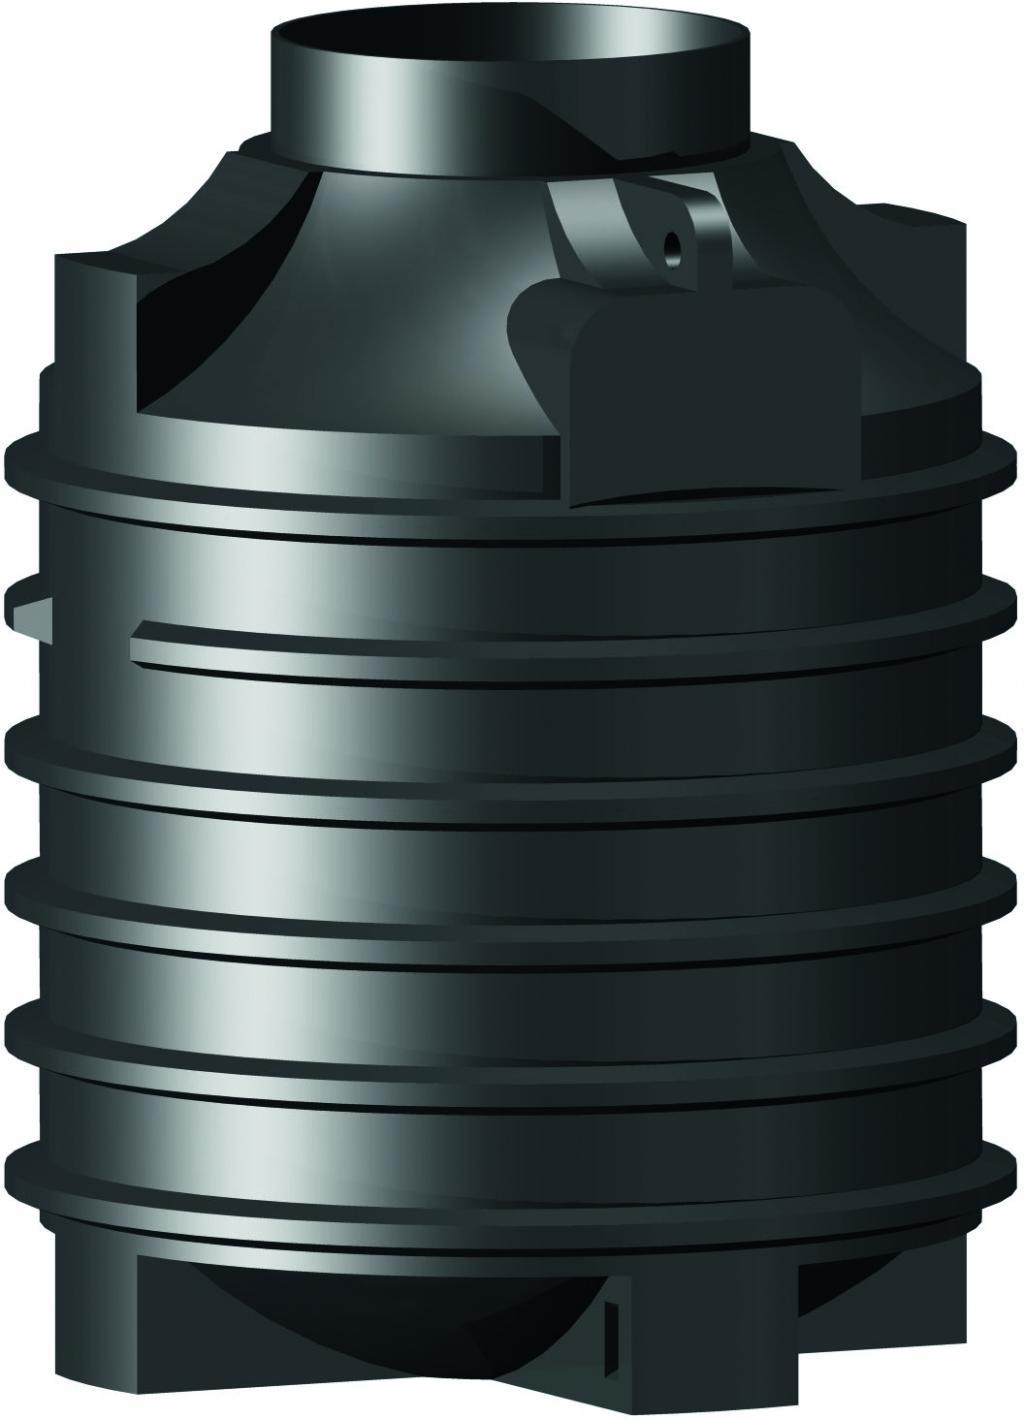 Plastová jímka Ozeanis Schacht 1500 litrů Plastová samonosná jímka na splaškovou nebo dešťovou vodu.